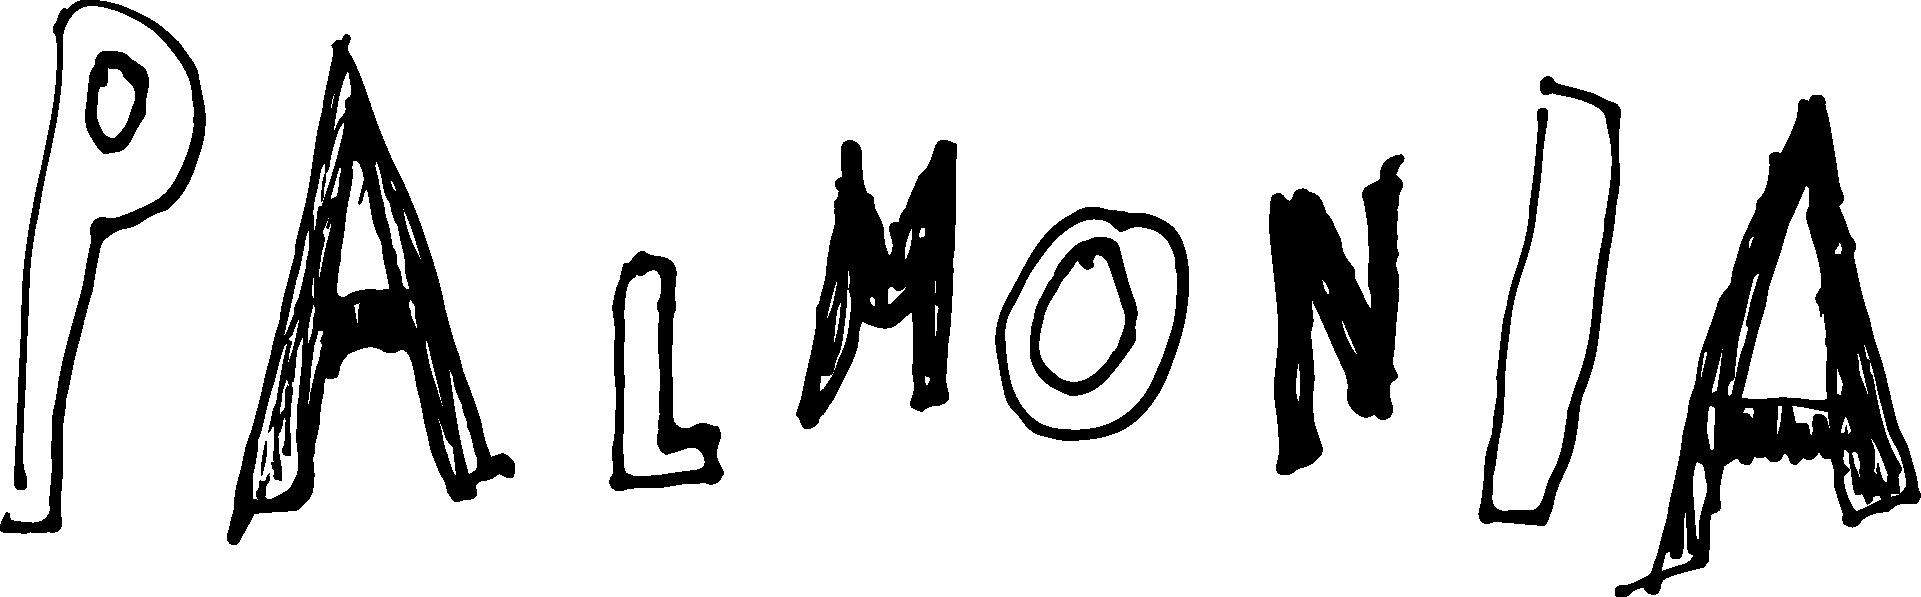 Palmonia